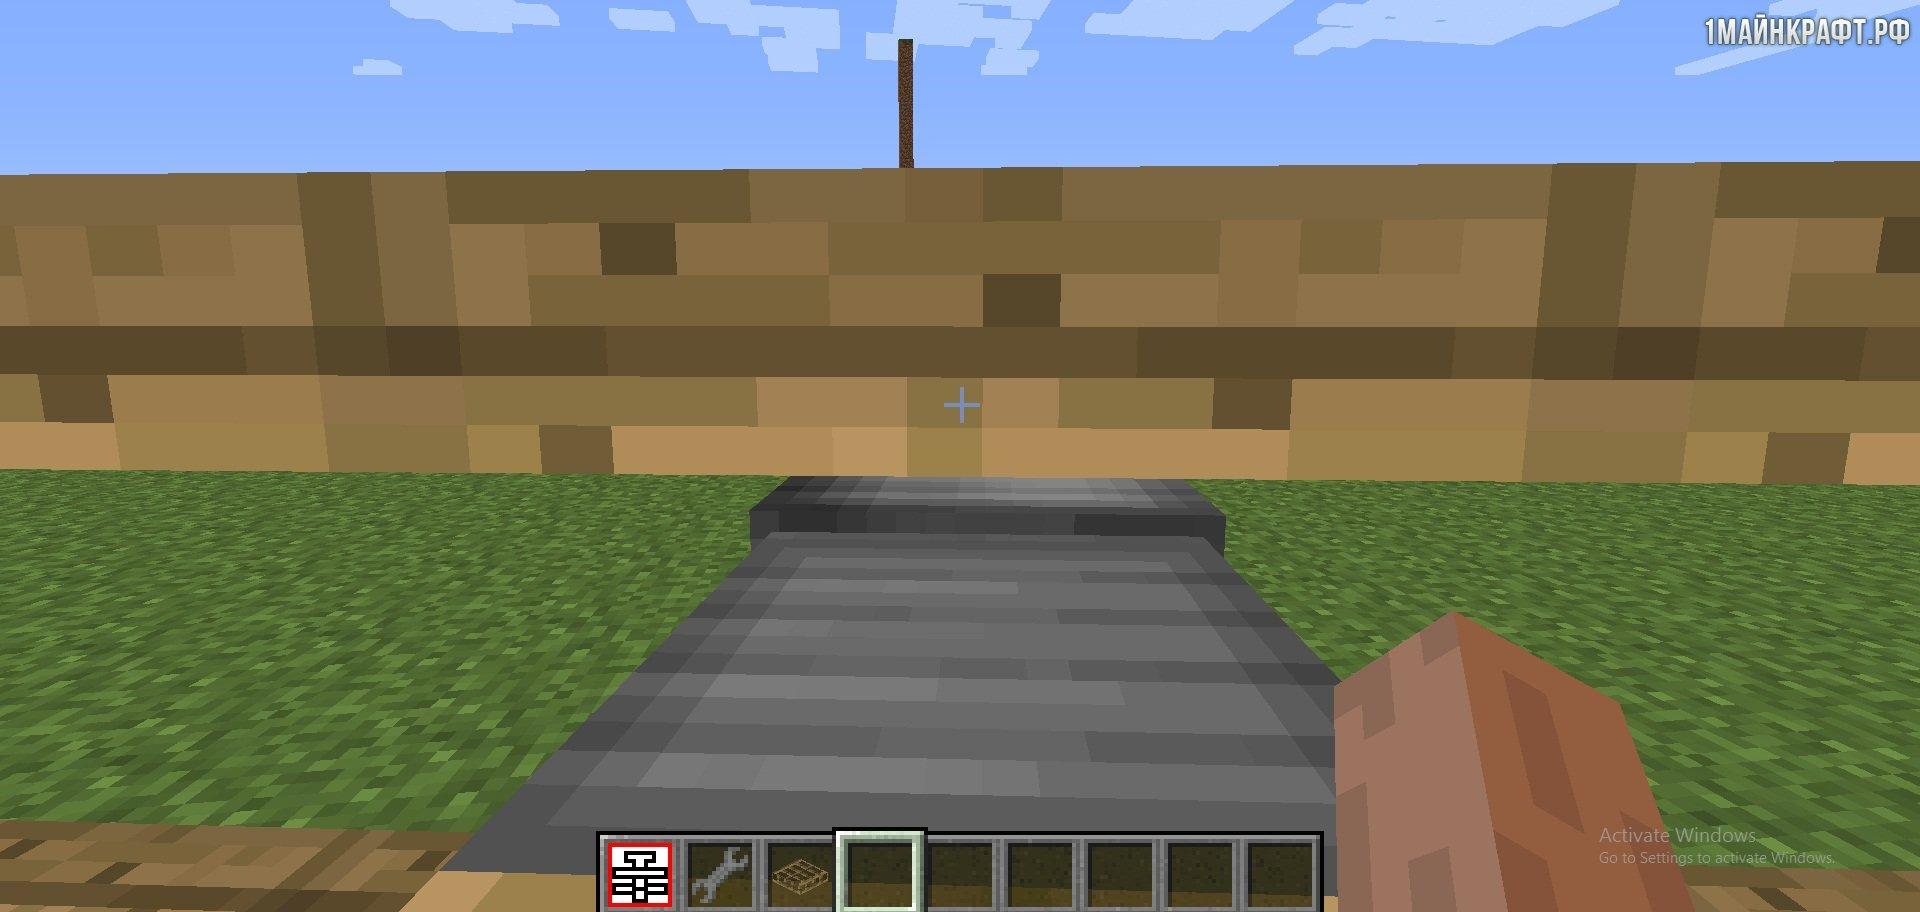 Как сделать свой мод для minecraft 1.7.10 595